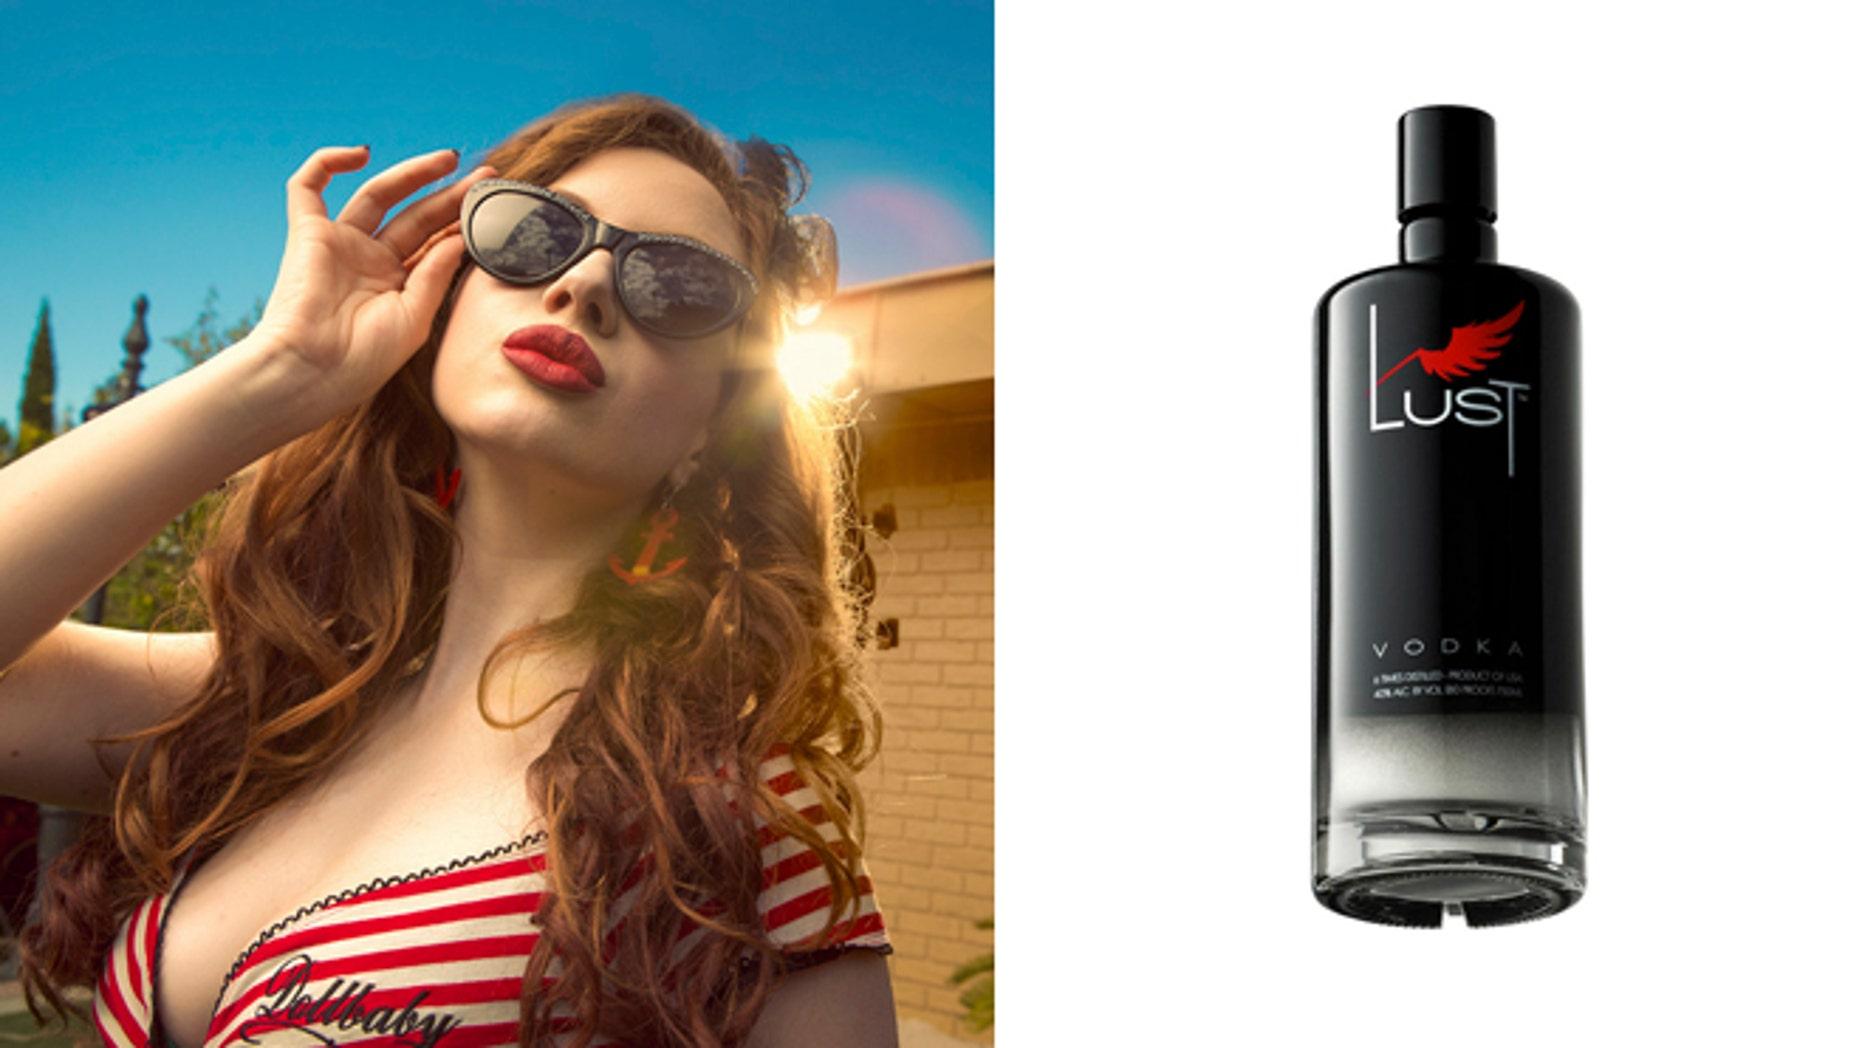 Lust Vodka trdi, da bo povečala Womens Sex Drive Fox News-2424